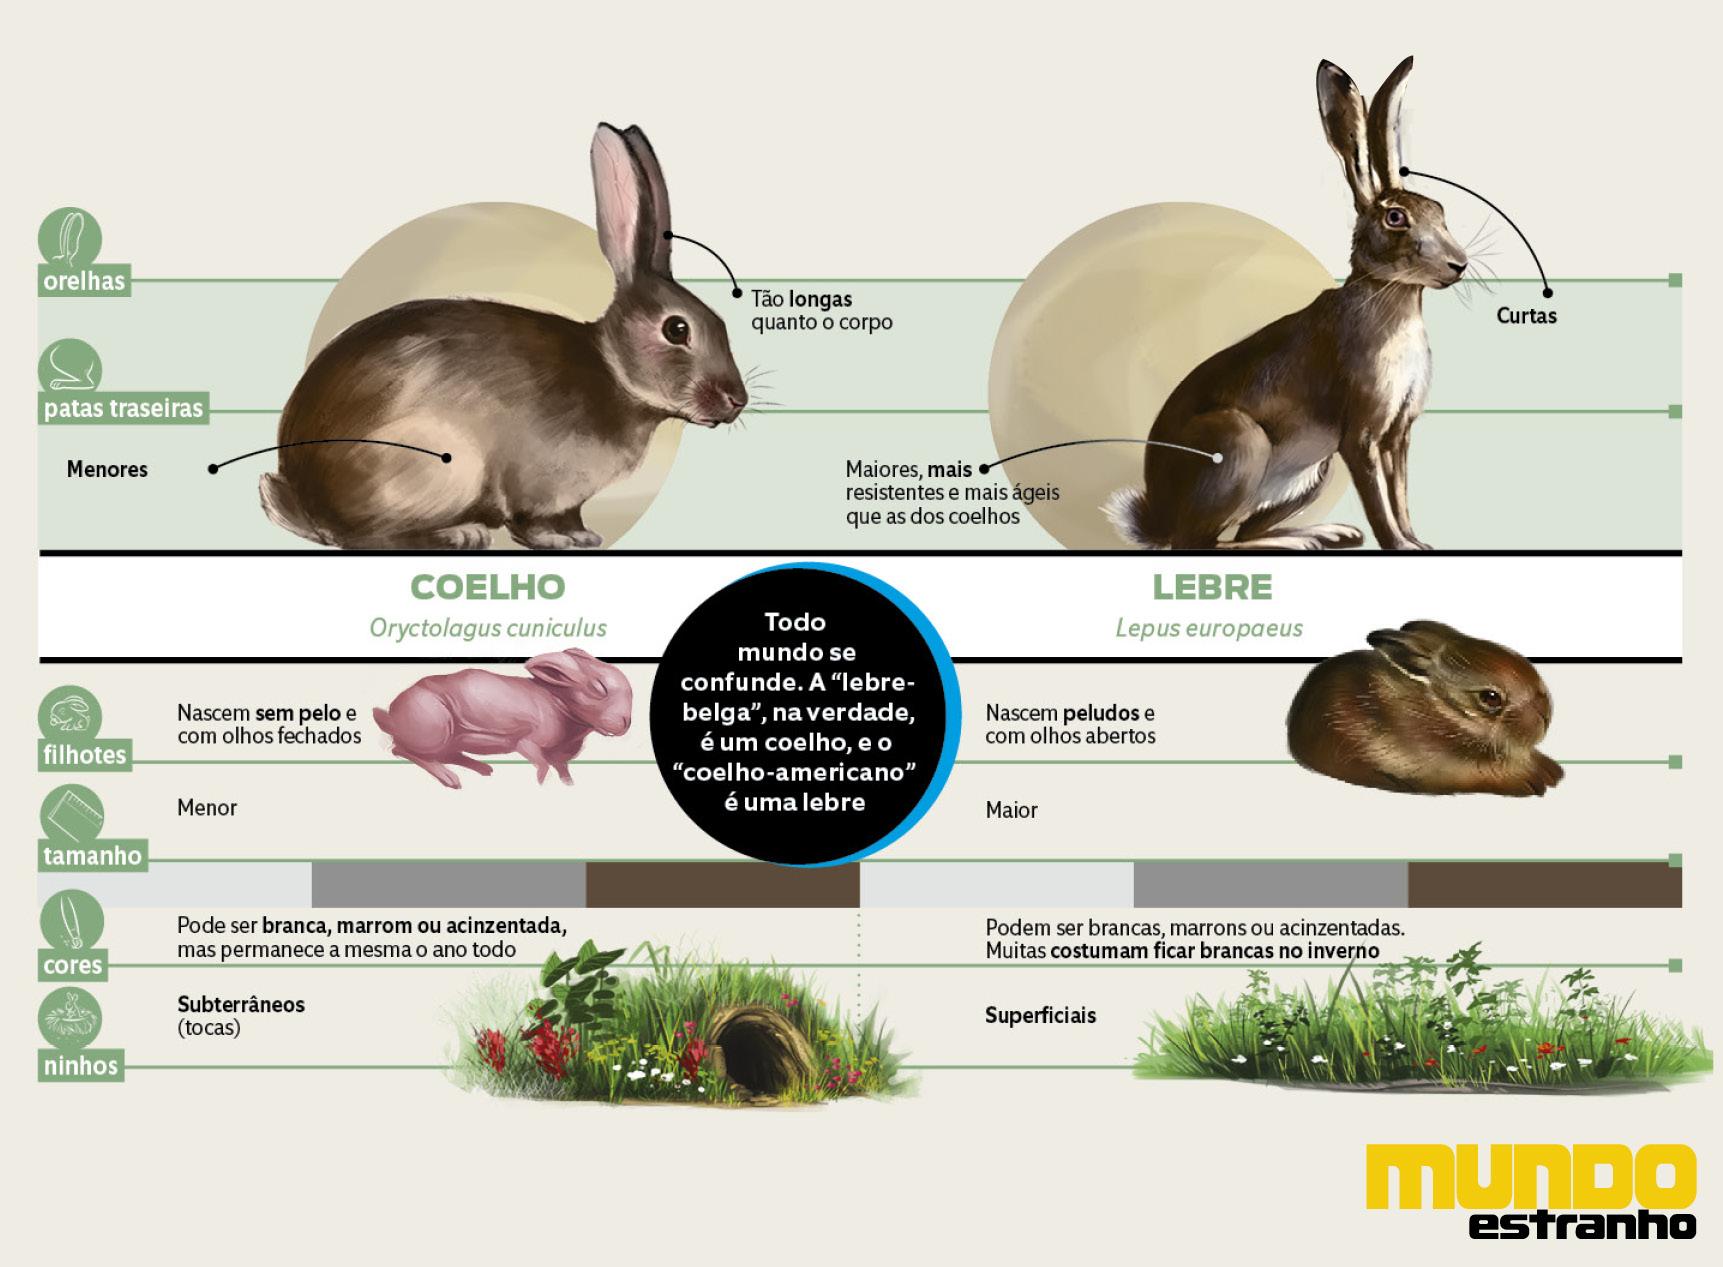 diferença entre os animais6